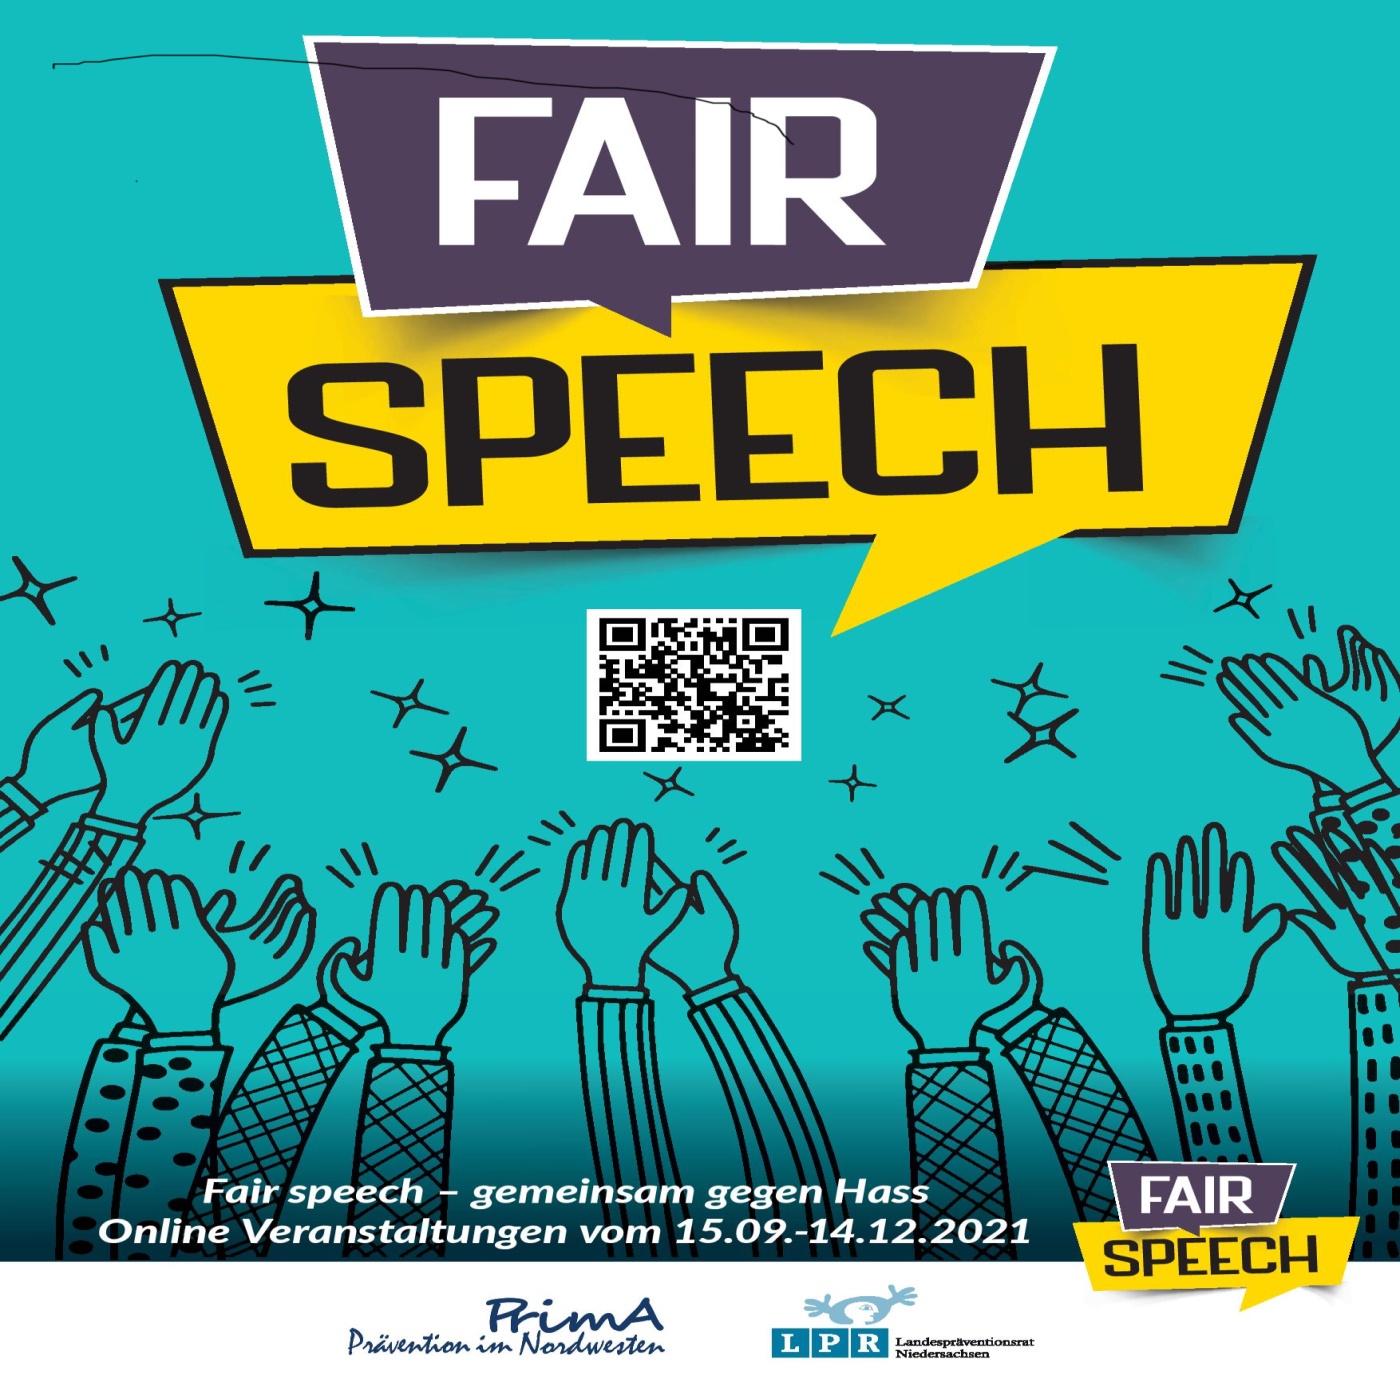 FAIR SPEECH (2) - gemeinsam gegen Hass